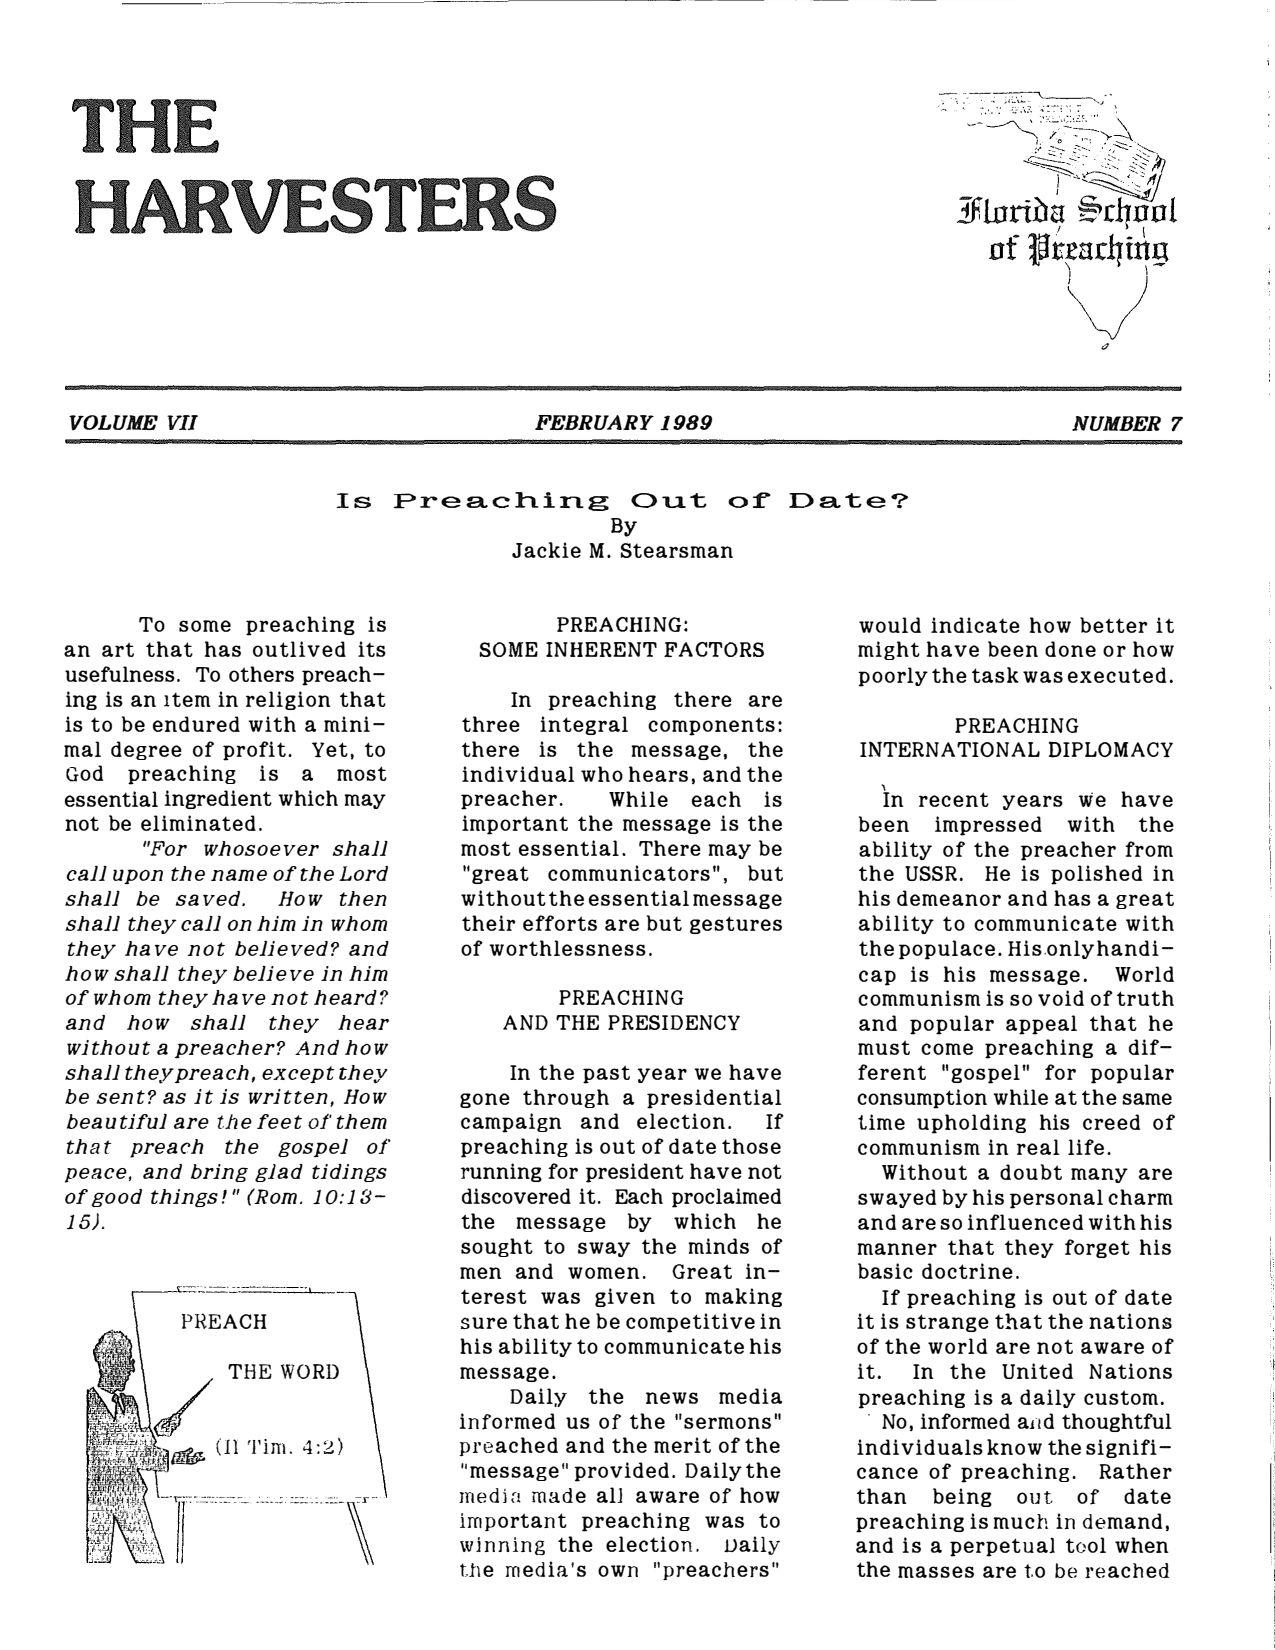 Harvester 1989 - Feb